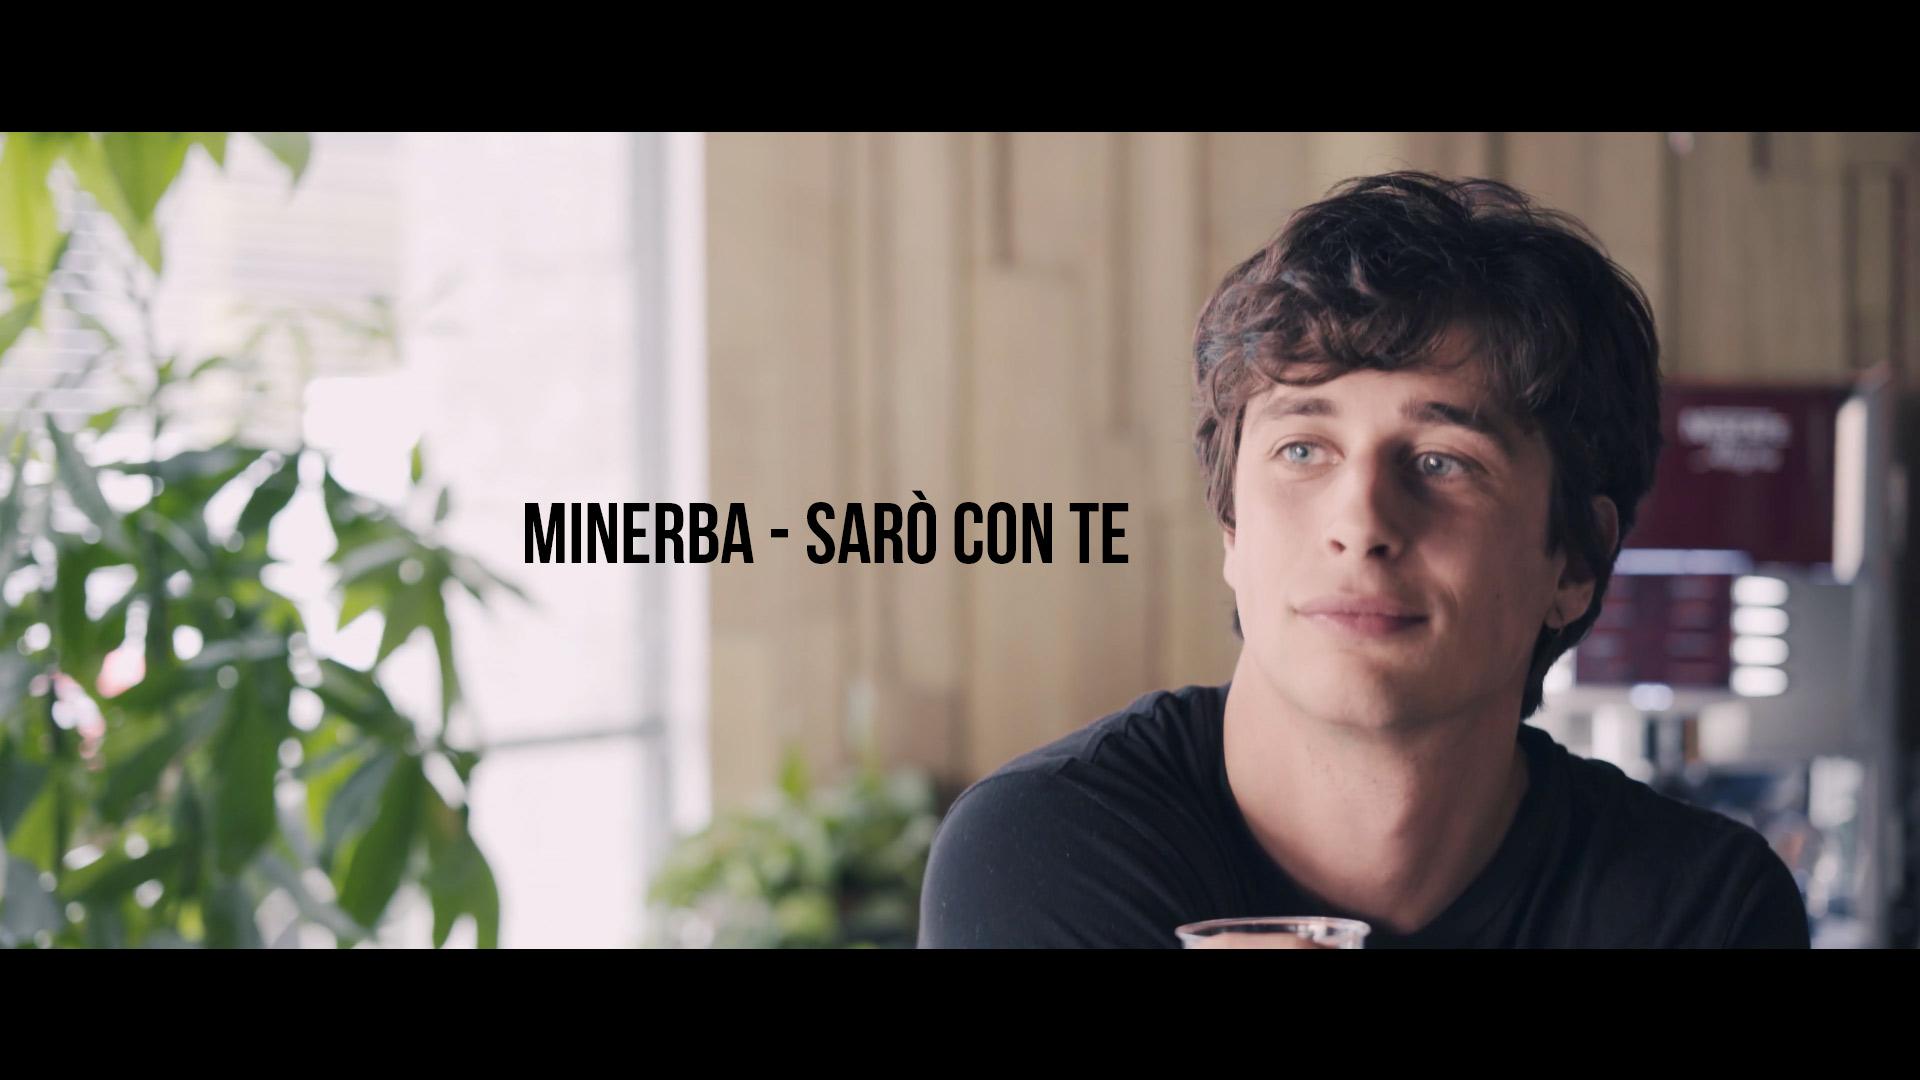 Minerba - Sarò con te